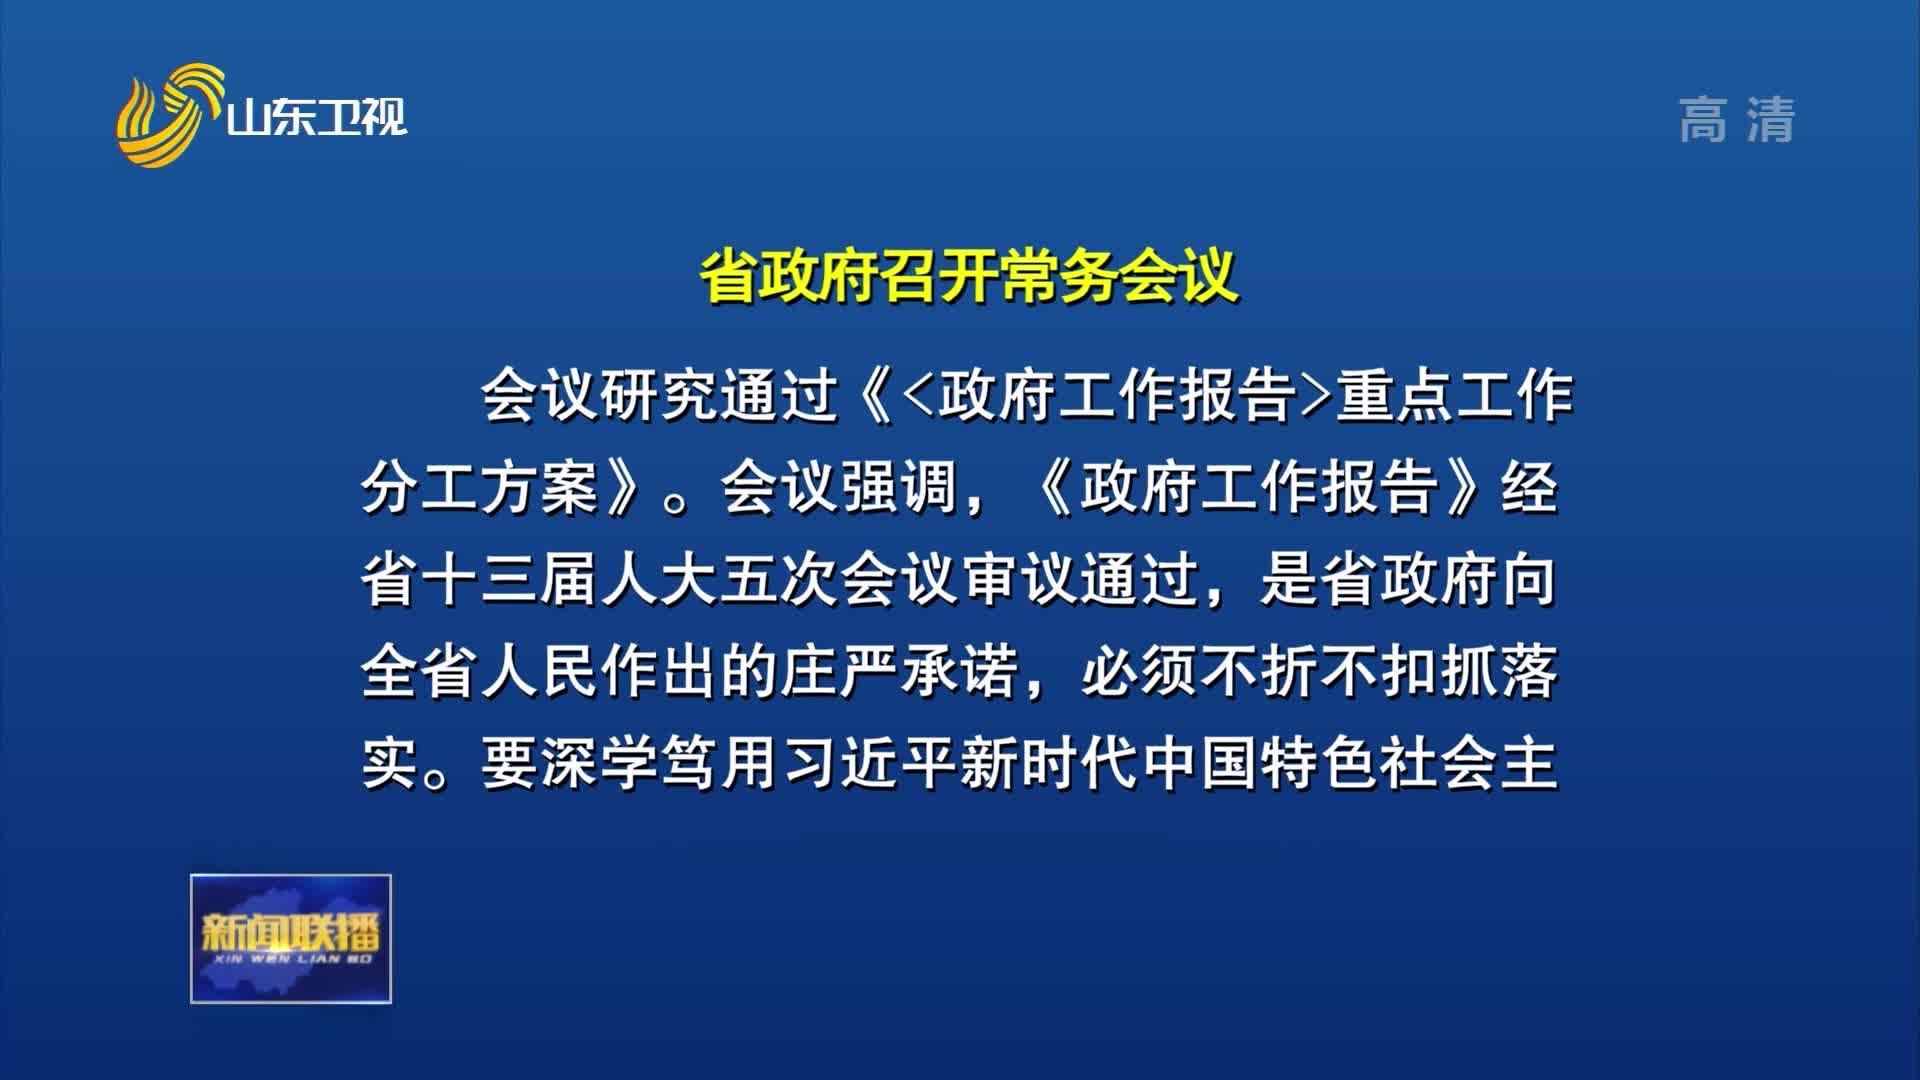 省政府召开常务会议 研究《政府工作报告》重点工作分工等工作